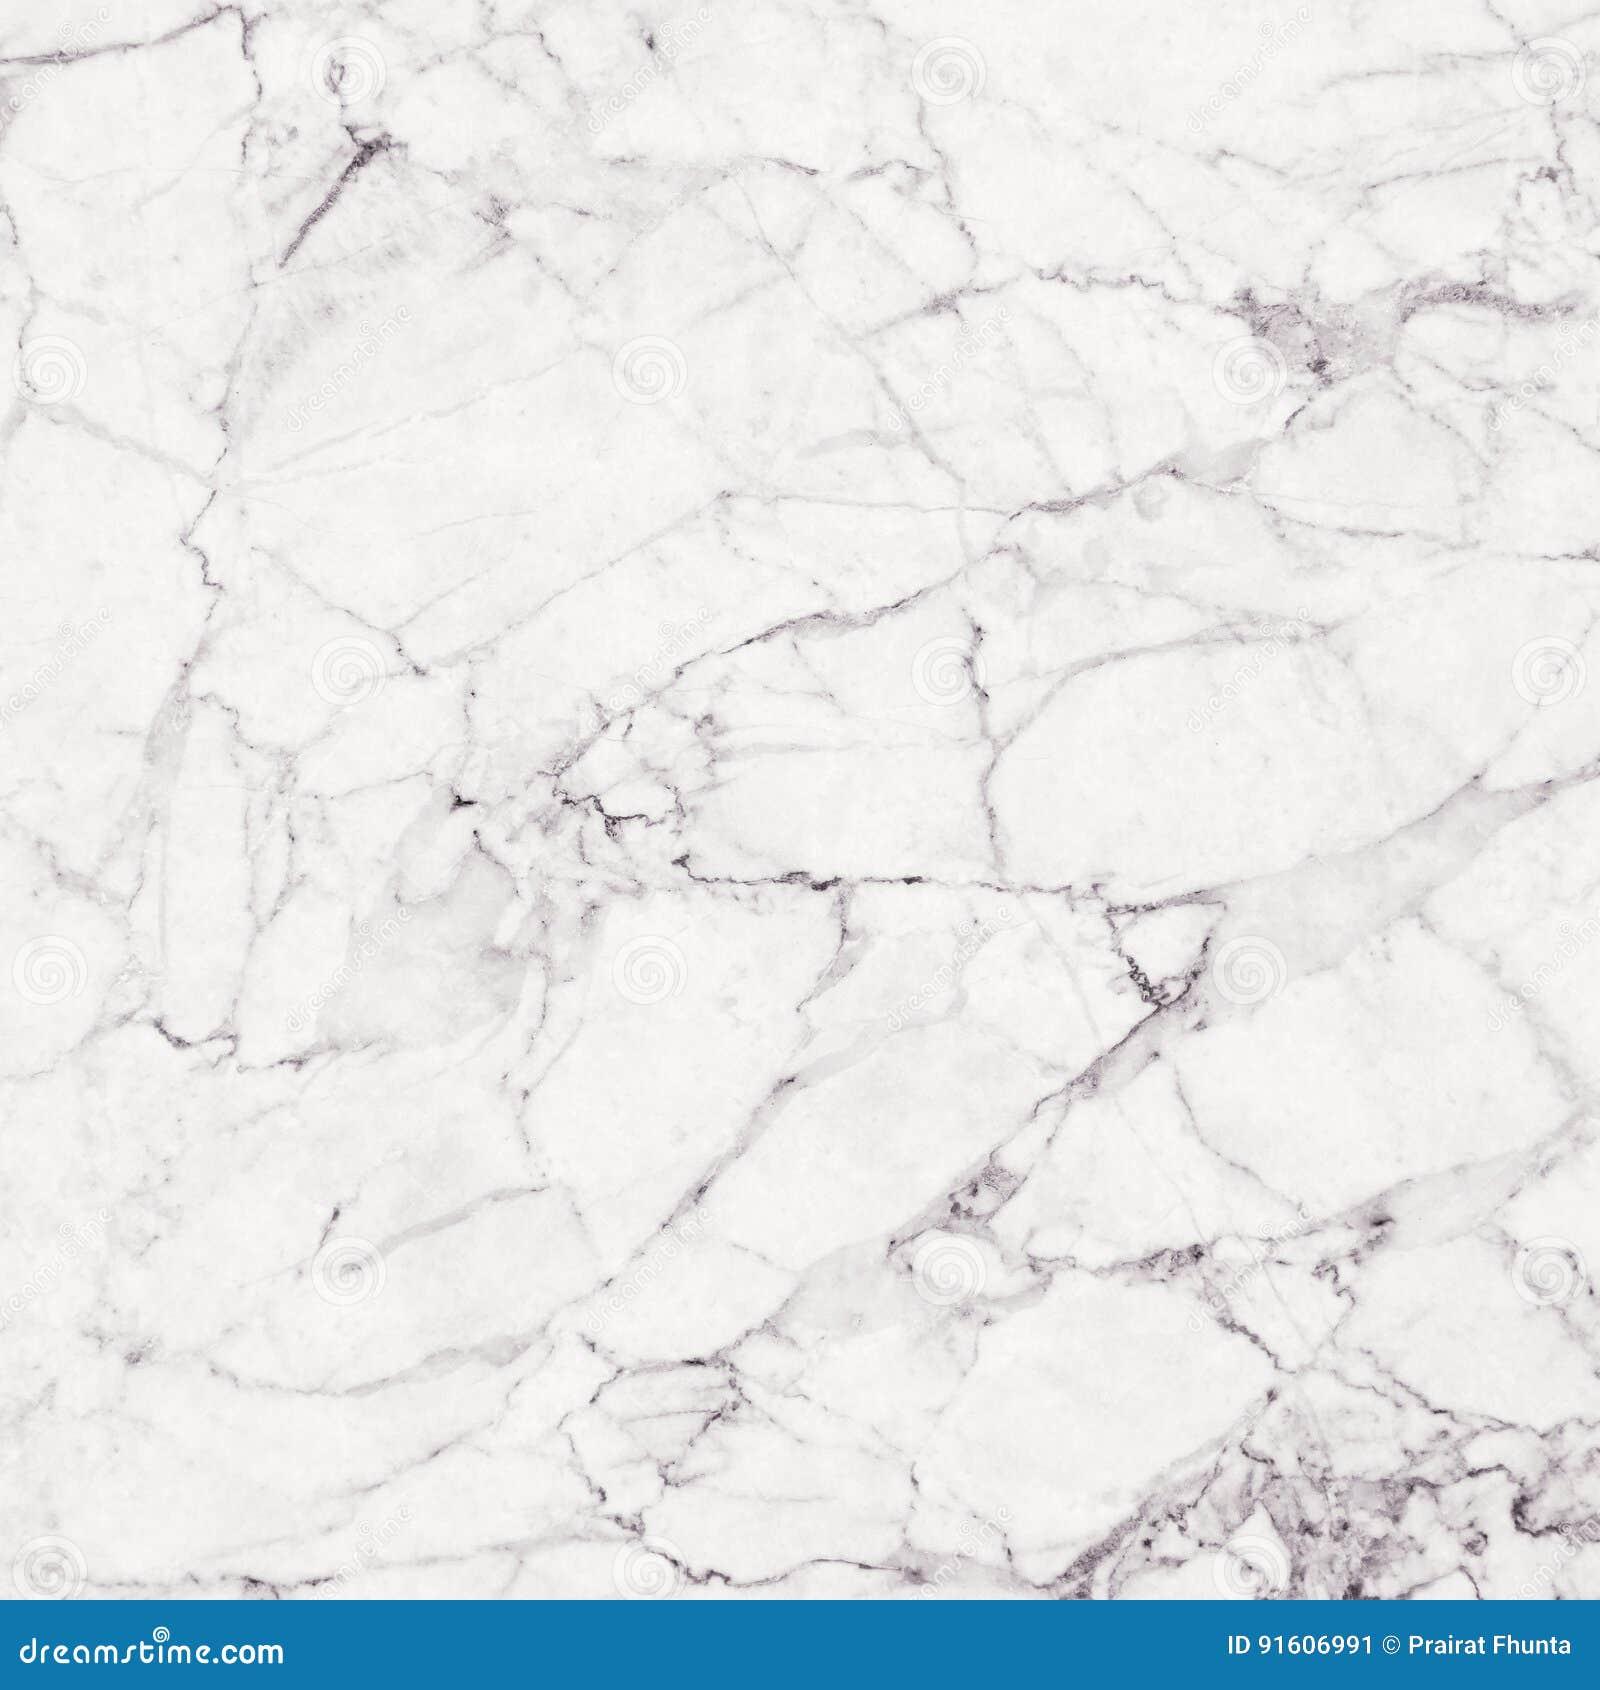 Textura de mármol blanca, modelo para el fondo lujoso del papel pintado de la teja de la piel